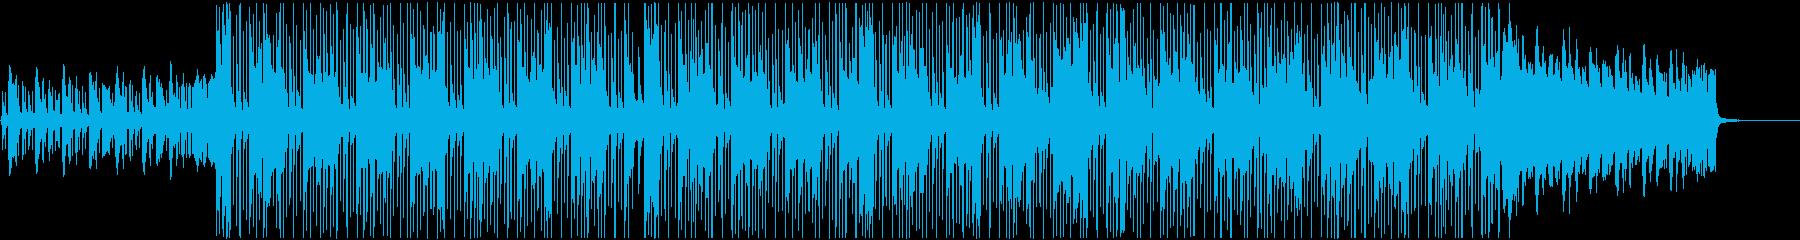 ダークな感じのヒップホップのBGMの再生済みの波形